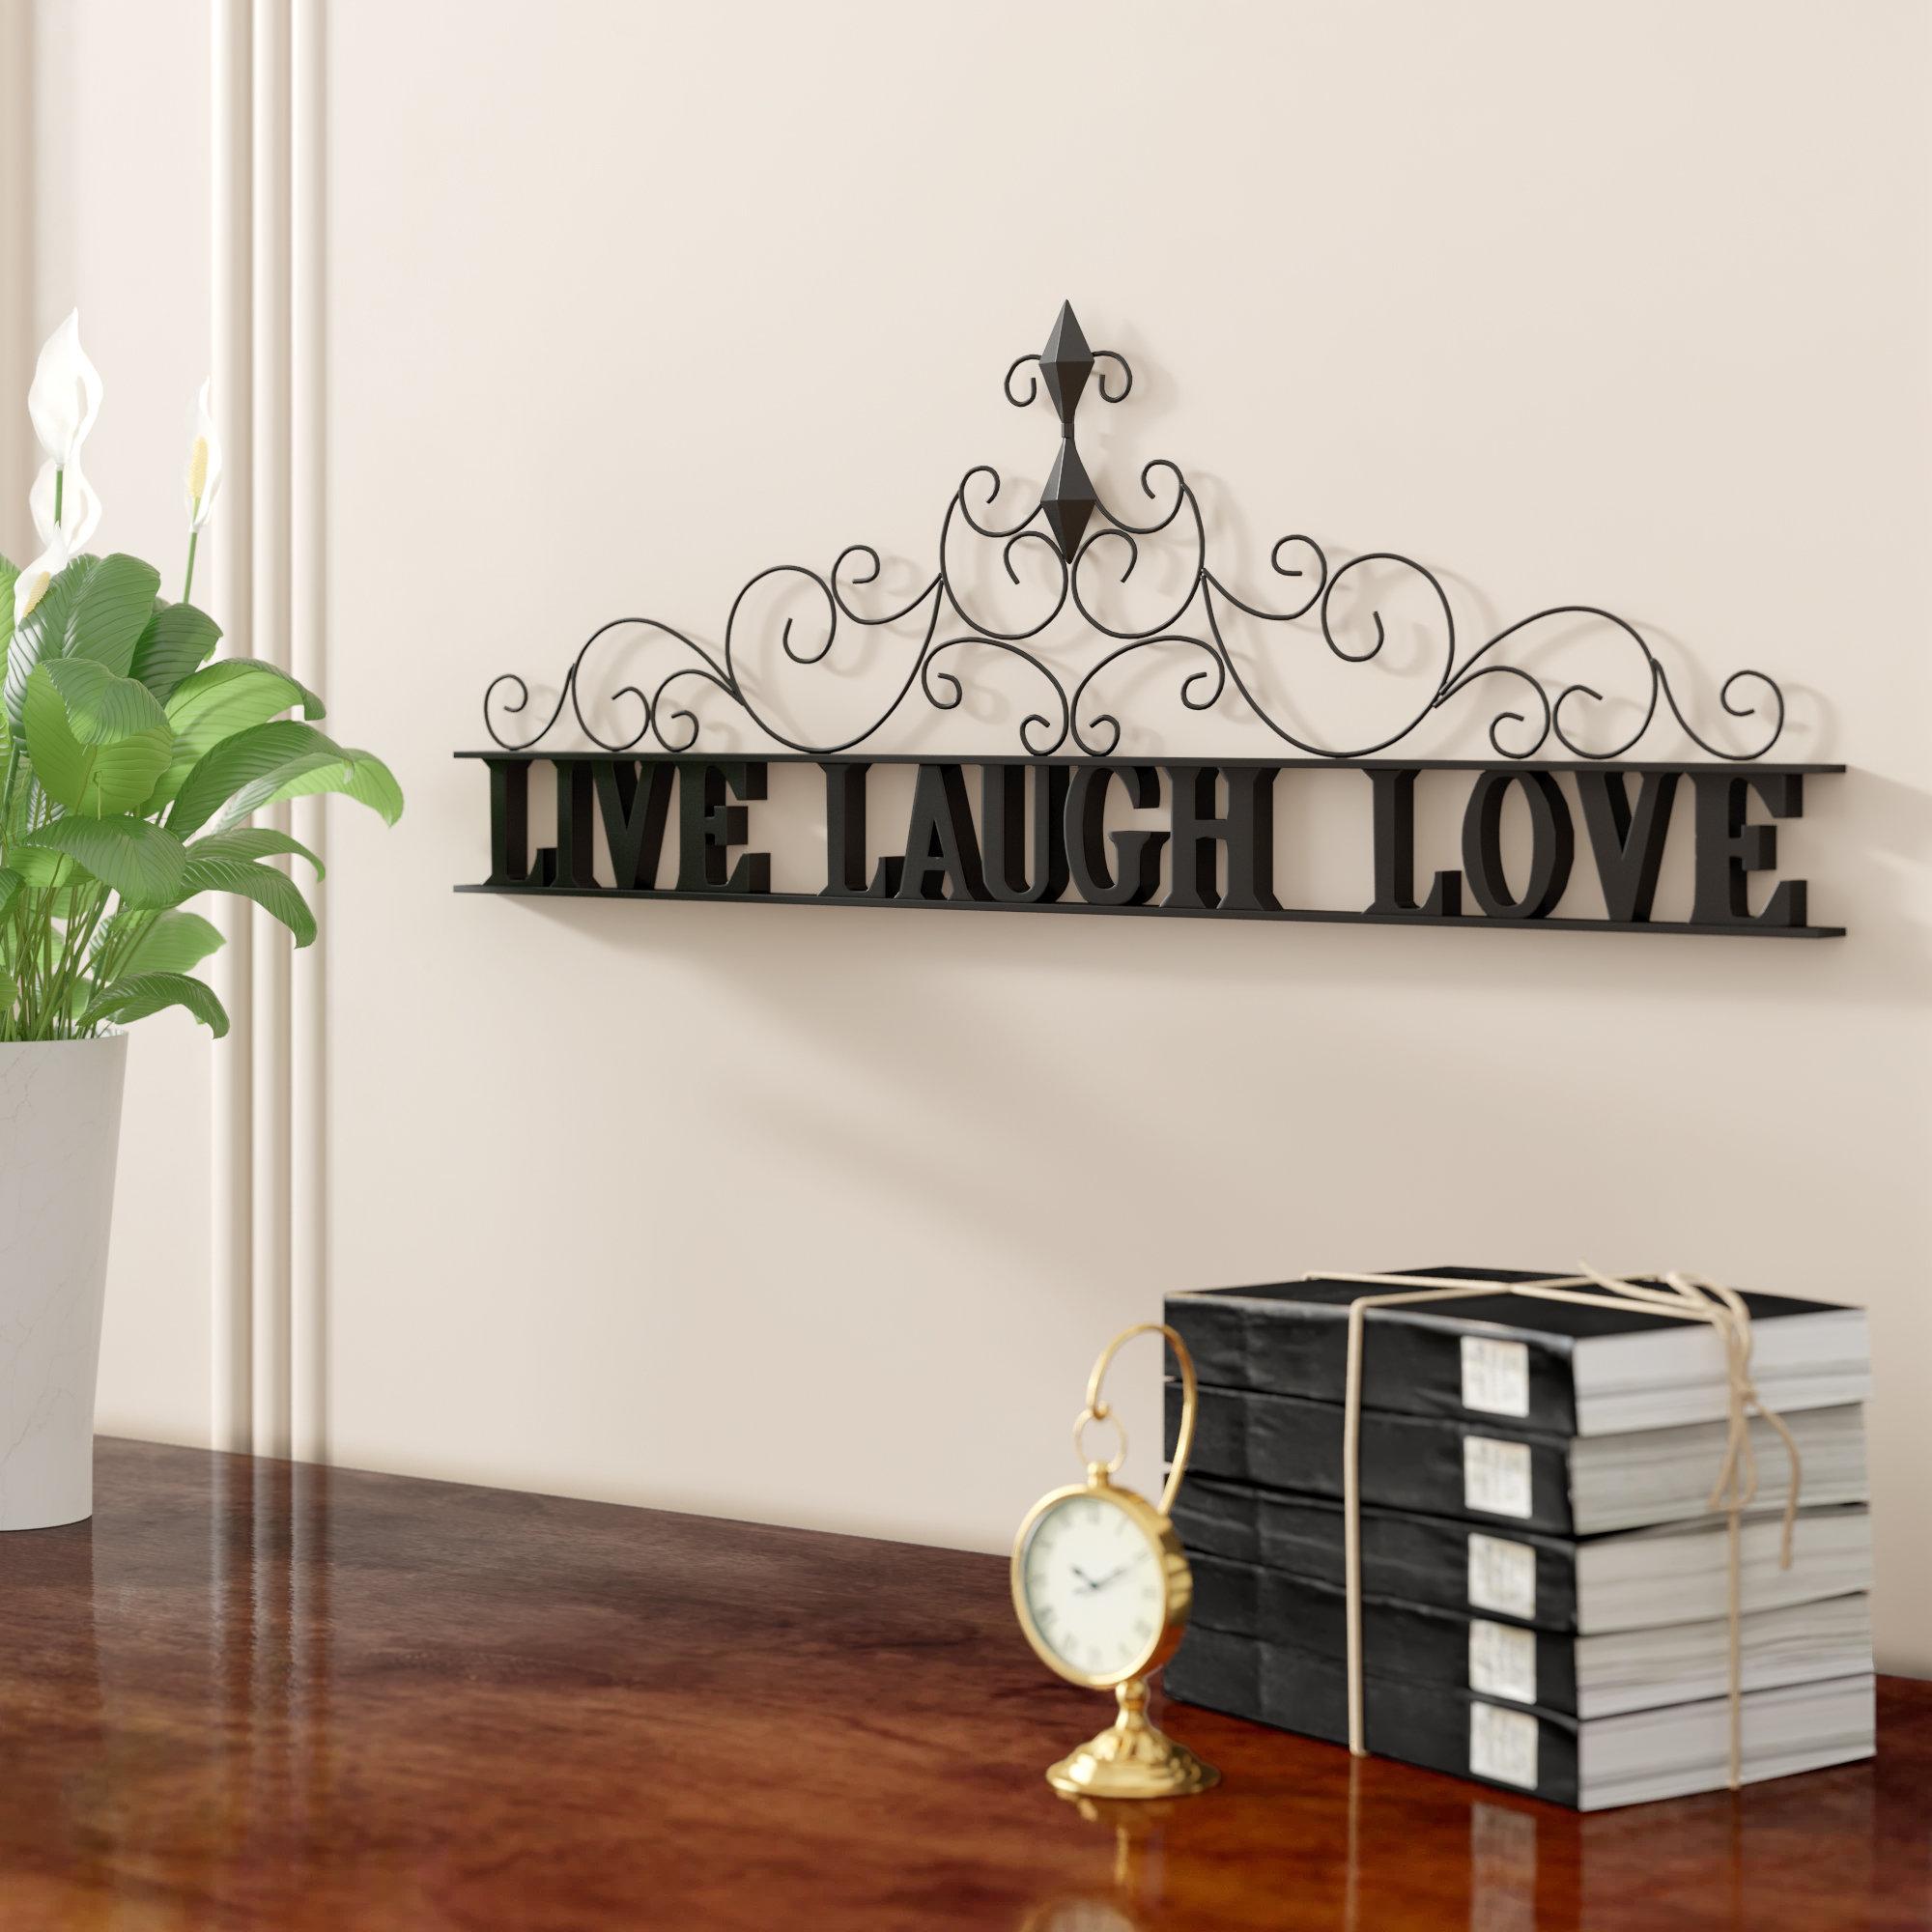 Live Love Laugh 3 Piece Black Wall Decor Sets With Recent Fleur De Lis Living Live Laugh Love Metal Wall Décor & Reviews (View 8 of 20)